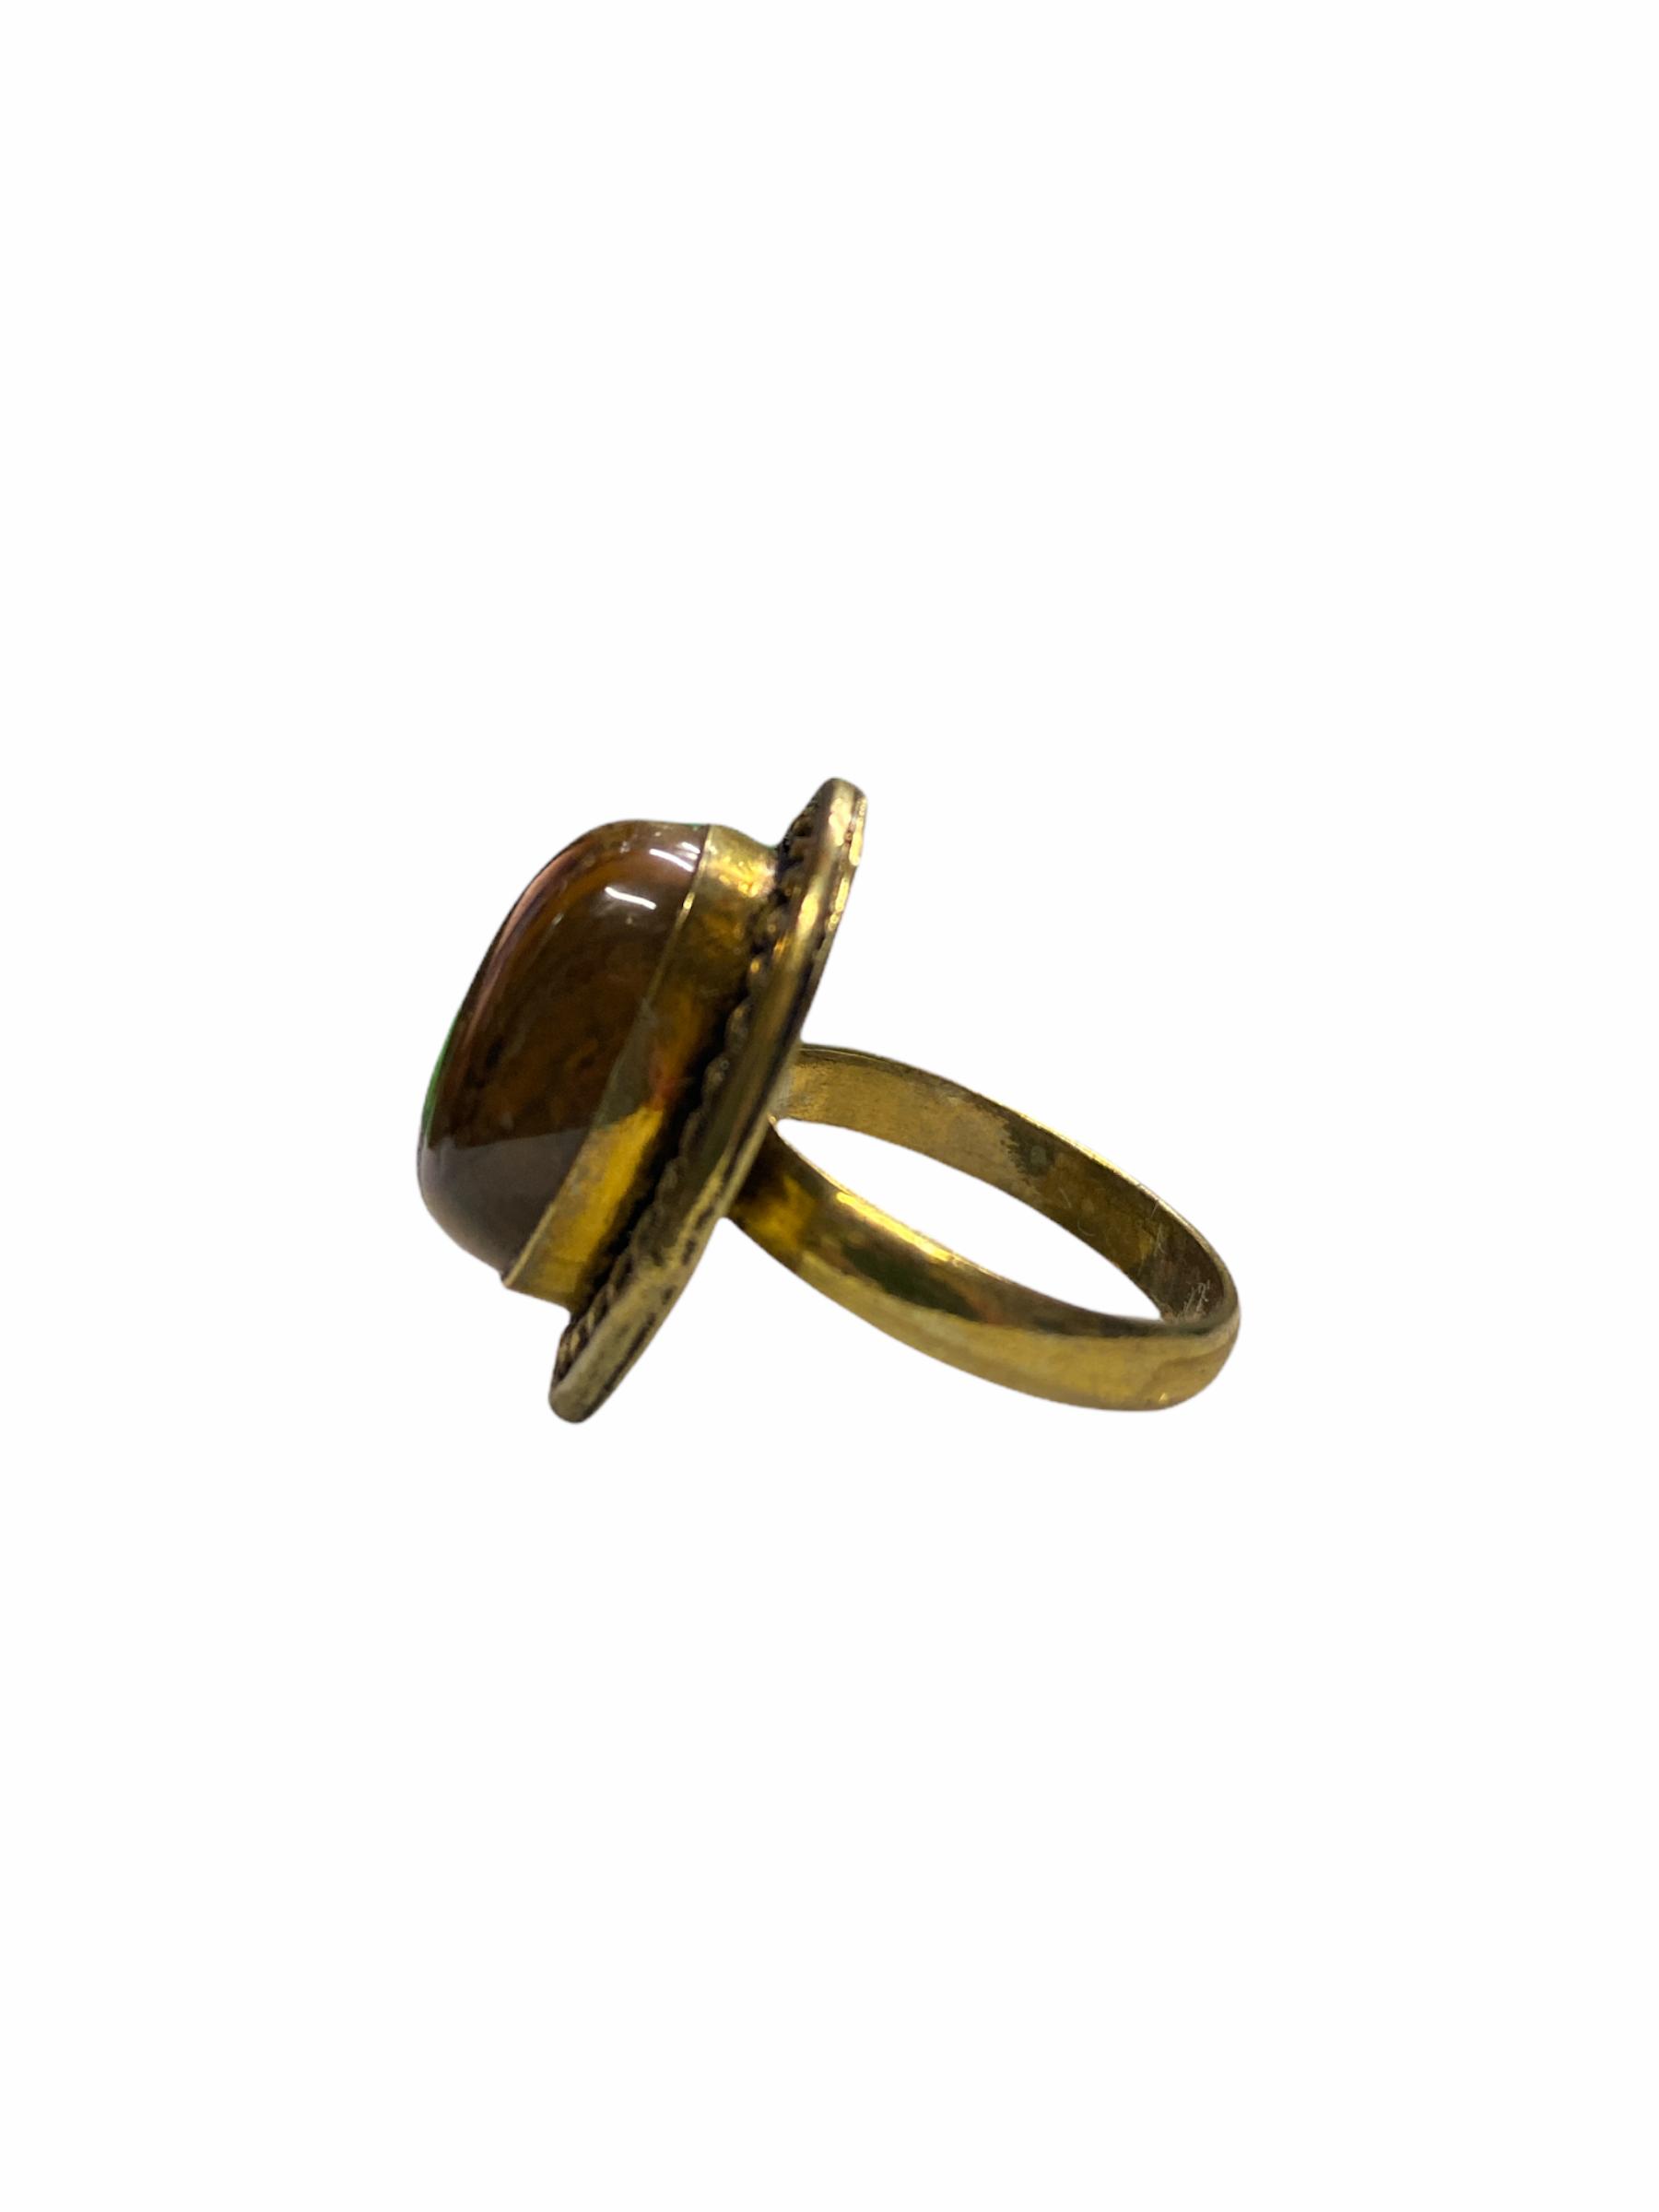 Δαχτυλίδι Χειροποίητο Με Μάτι Της Τίγρης Σε Χρυσό Χρώμα